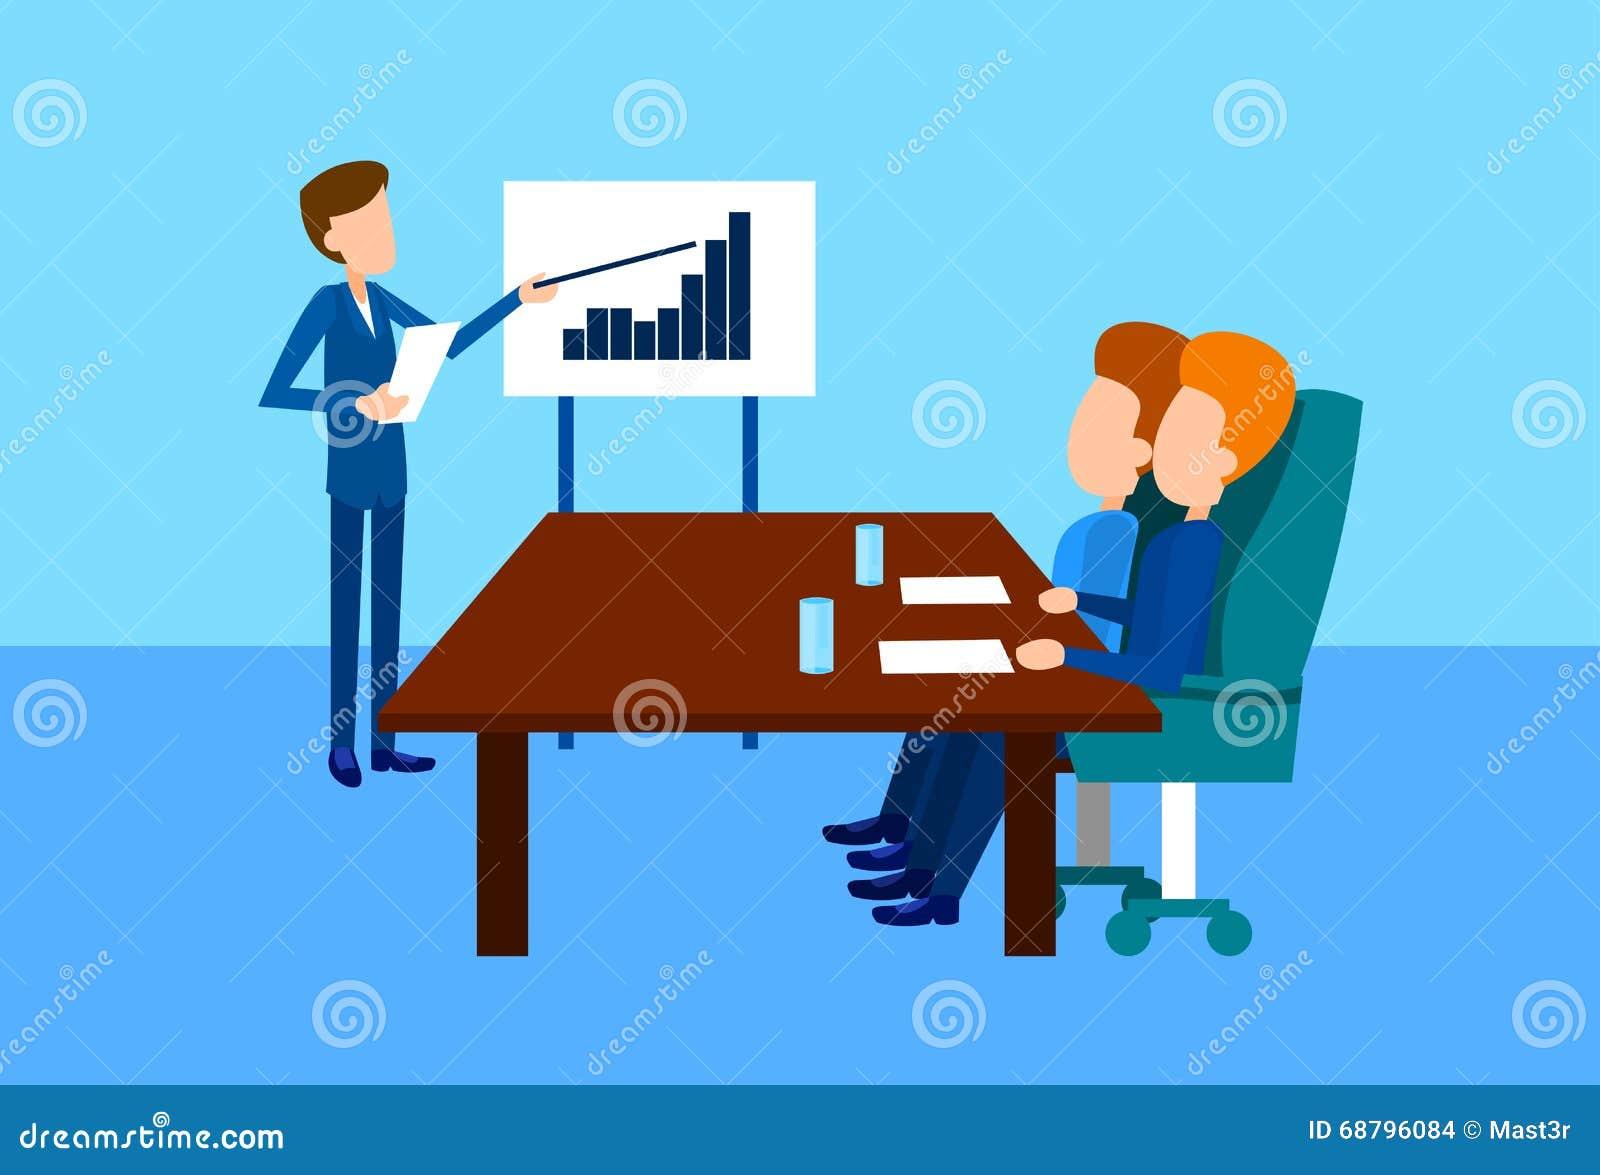 Presentation Flip Chart Finance Graph, Businesspeople Team Training Conference Meeting för grupp för affärsfolk